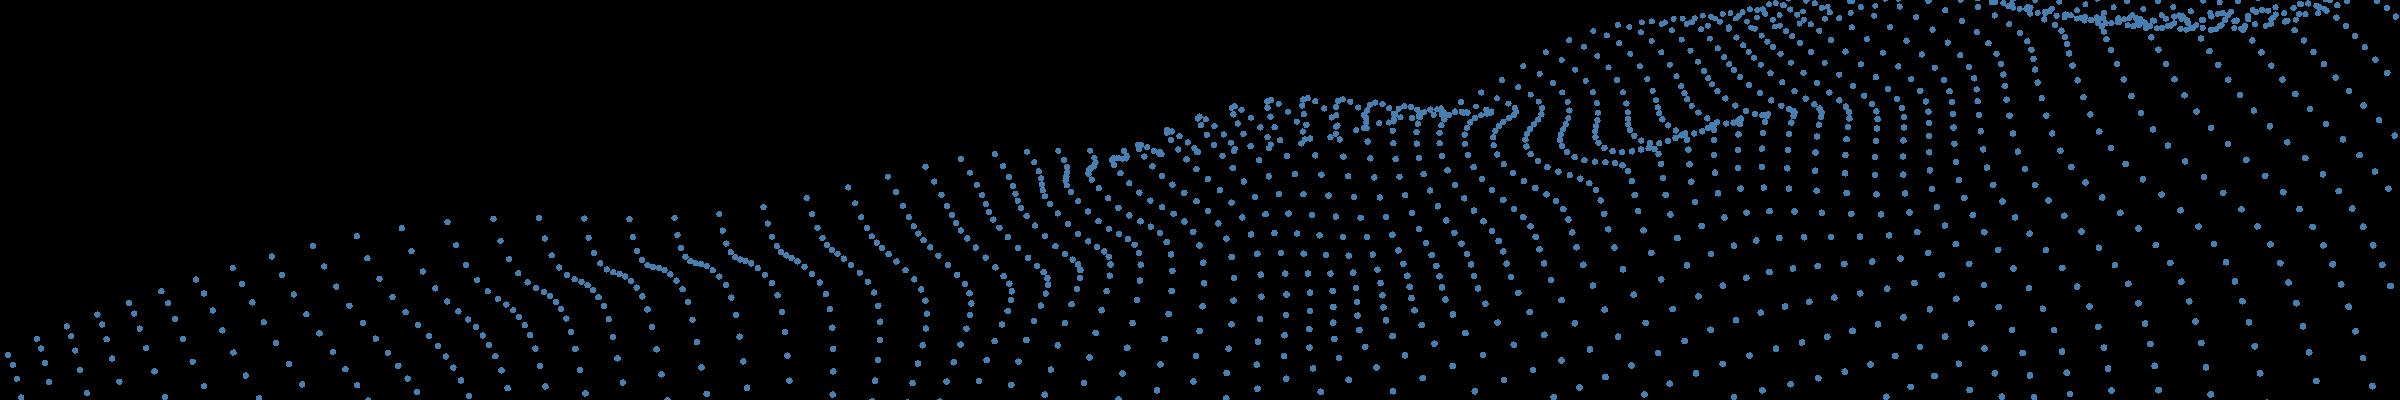 inner-dots